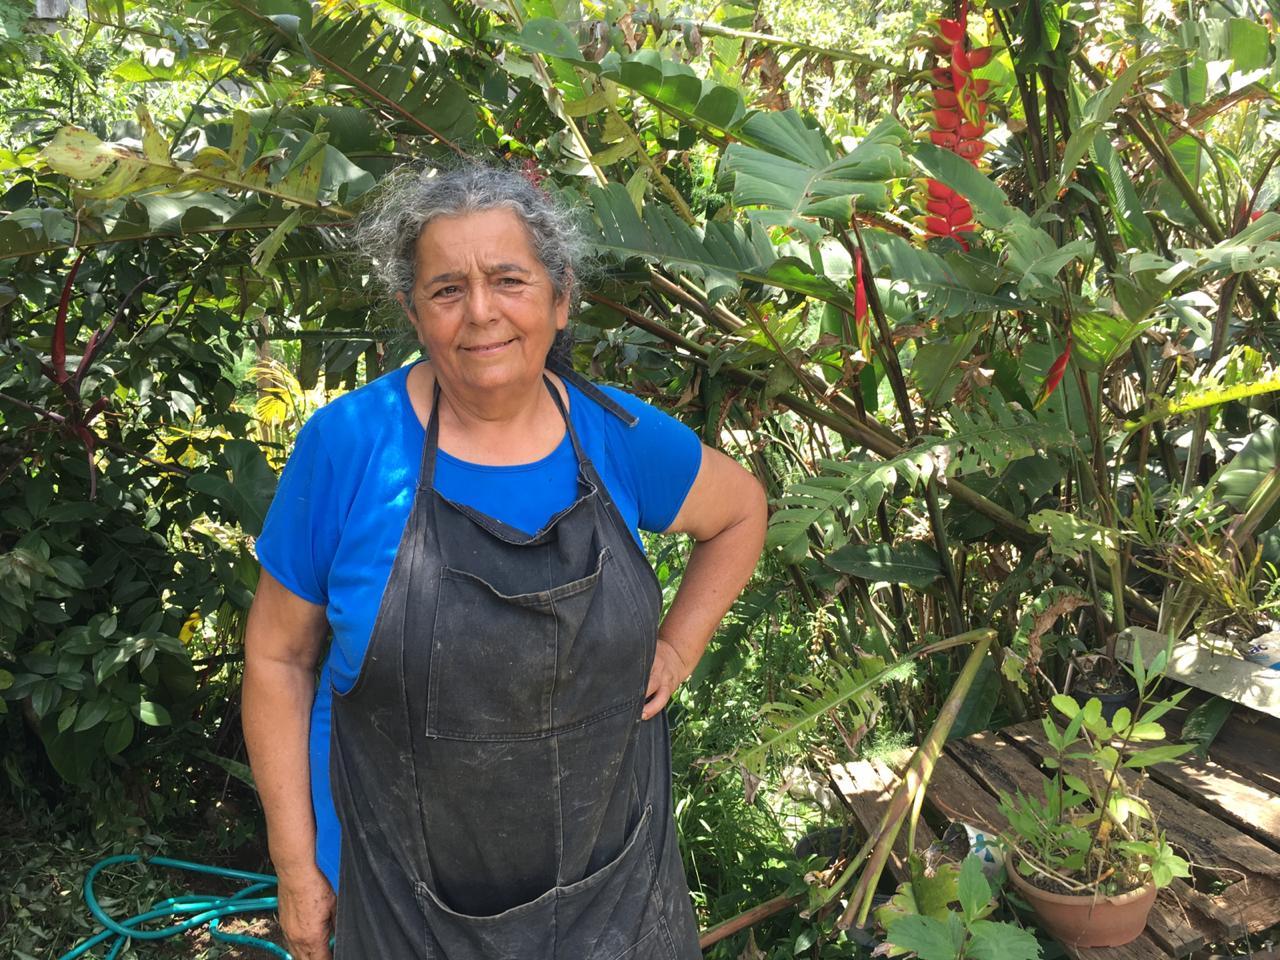 Cidades sem Fome: A ONG que transforma terrenos abandonados em hortas orgânicas